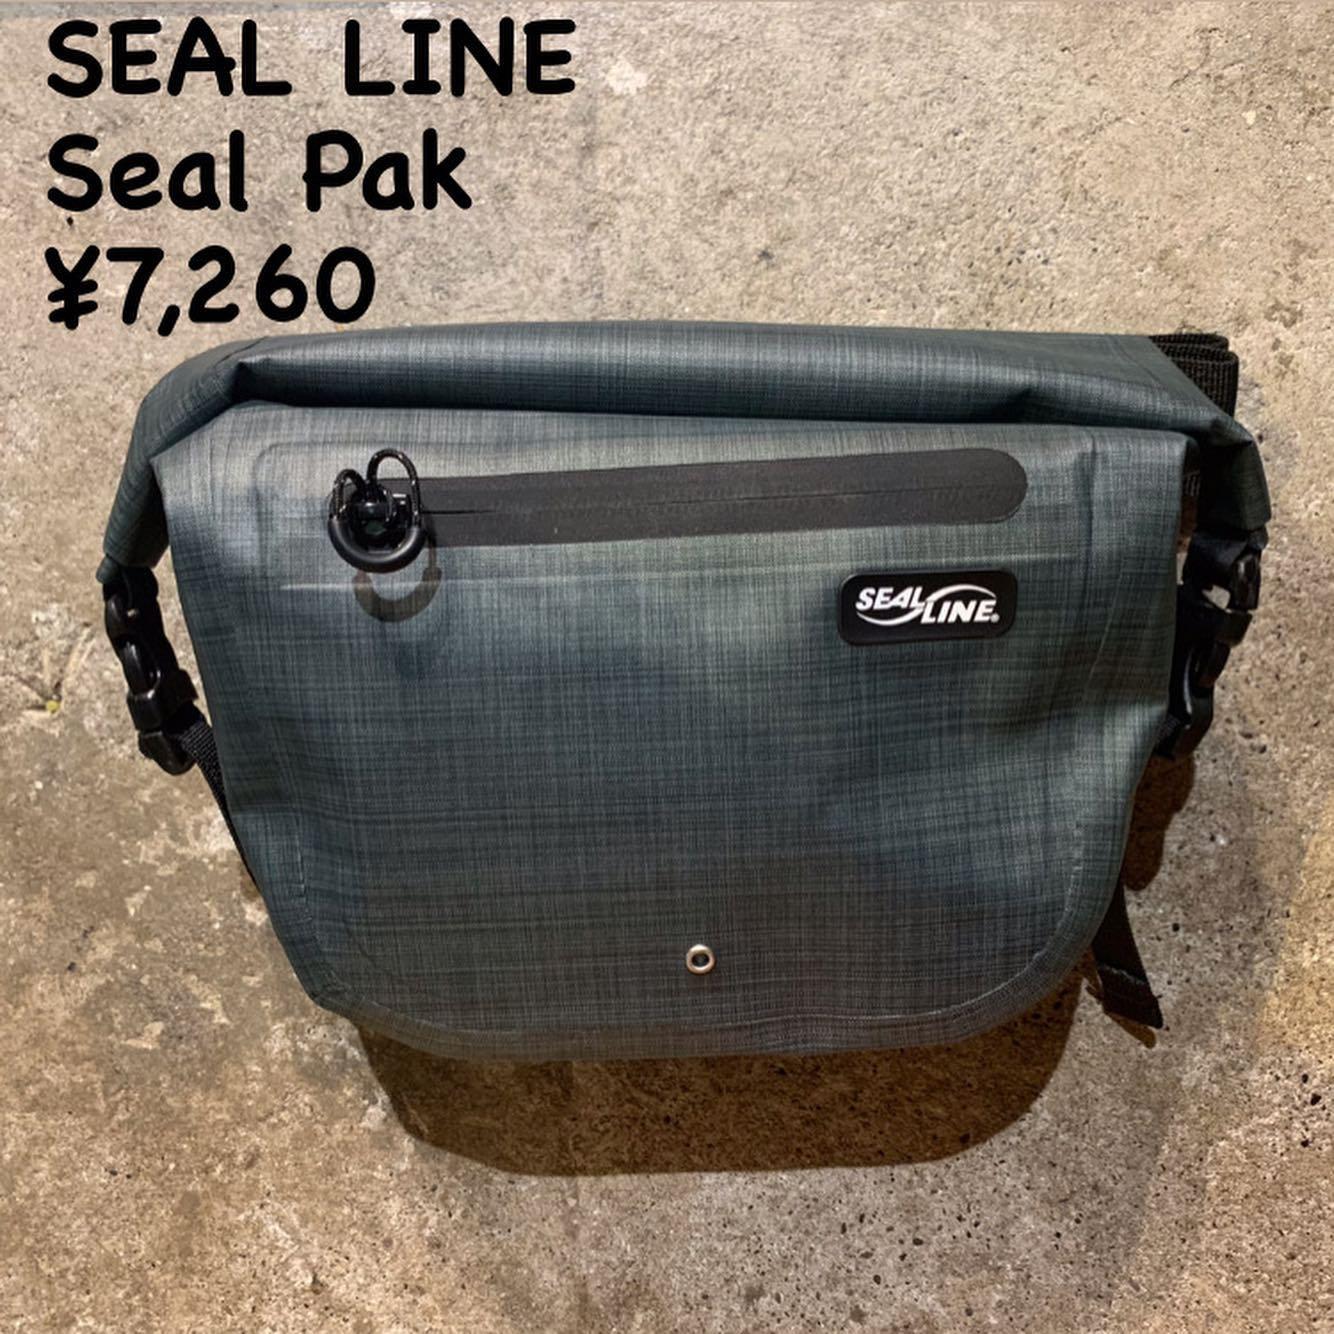 SEAL LINE(シールライン)の防水パック『シールパック』のご紹介